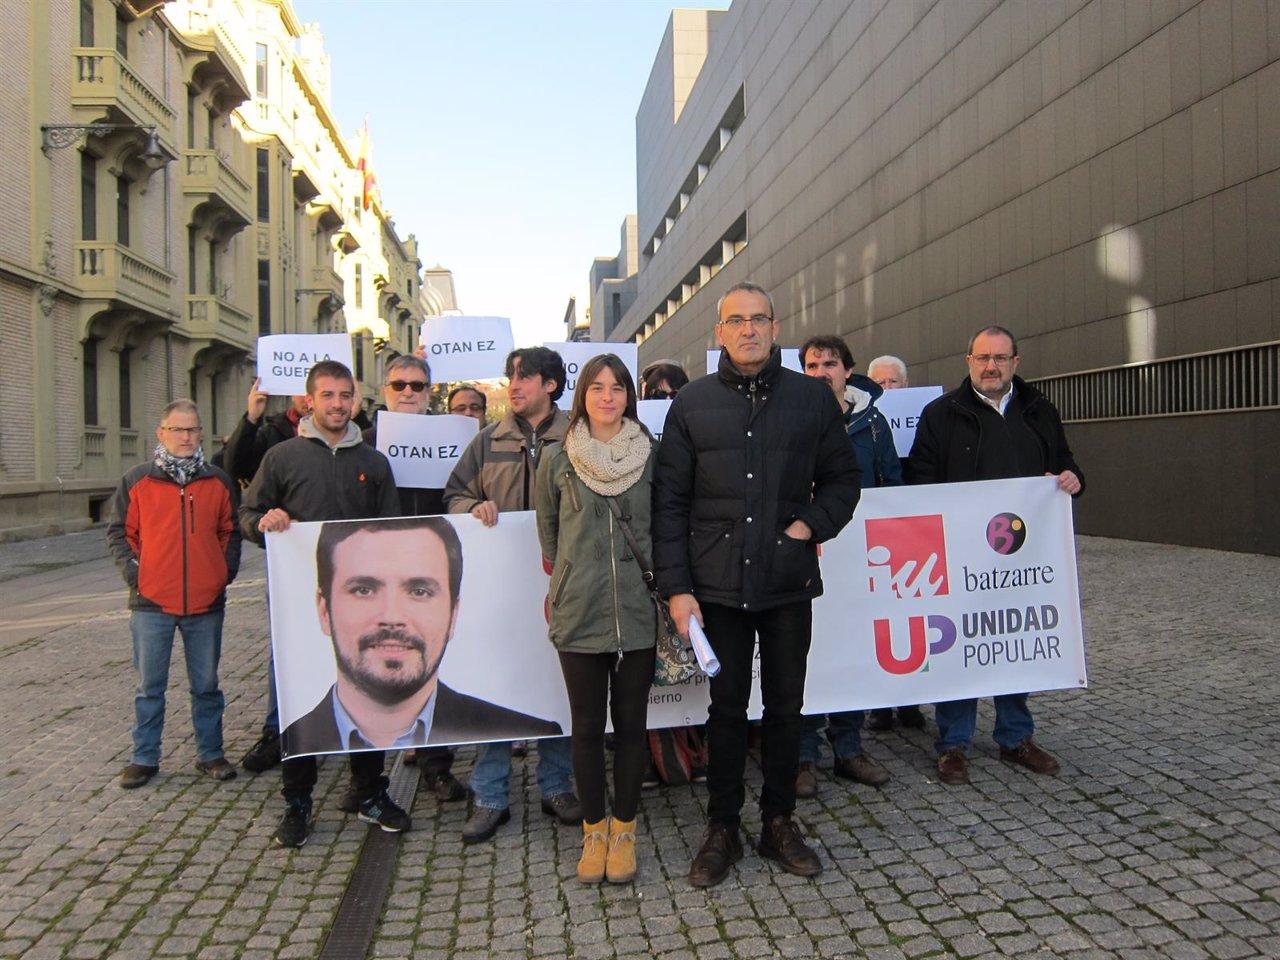 Candidatos de Unidad Popular junto a simpatizantes